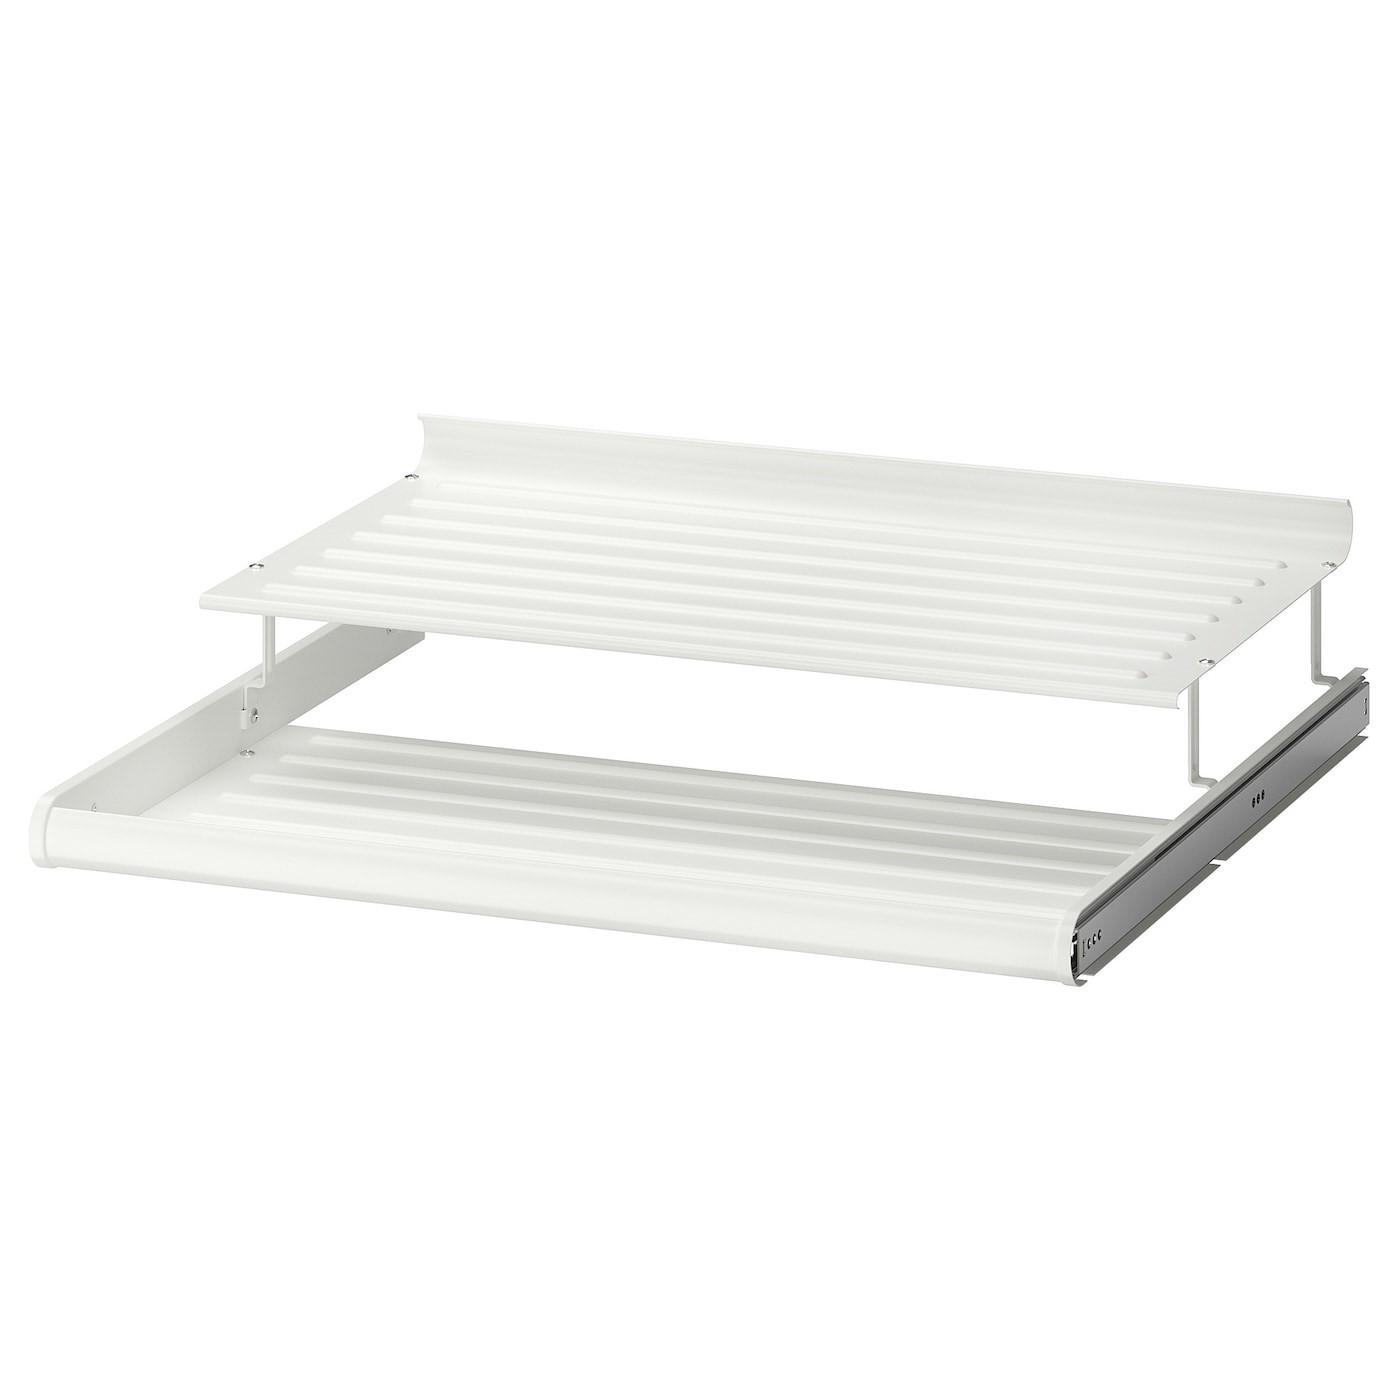 IKEA КОМПЛИМЕНТ Выдвижная полка д/обуви, белый, 75x58 см 302.574.66